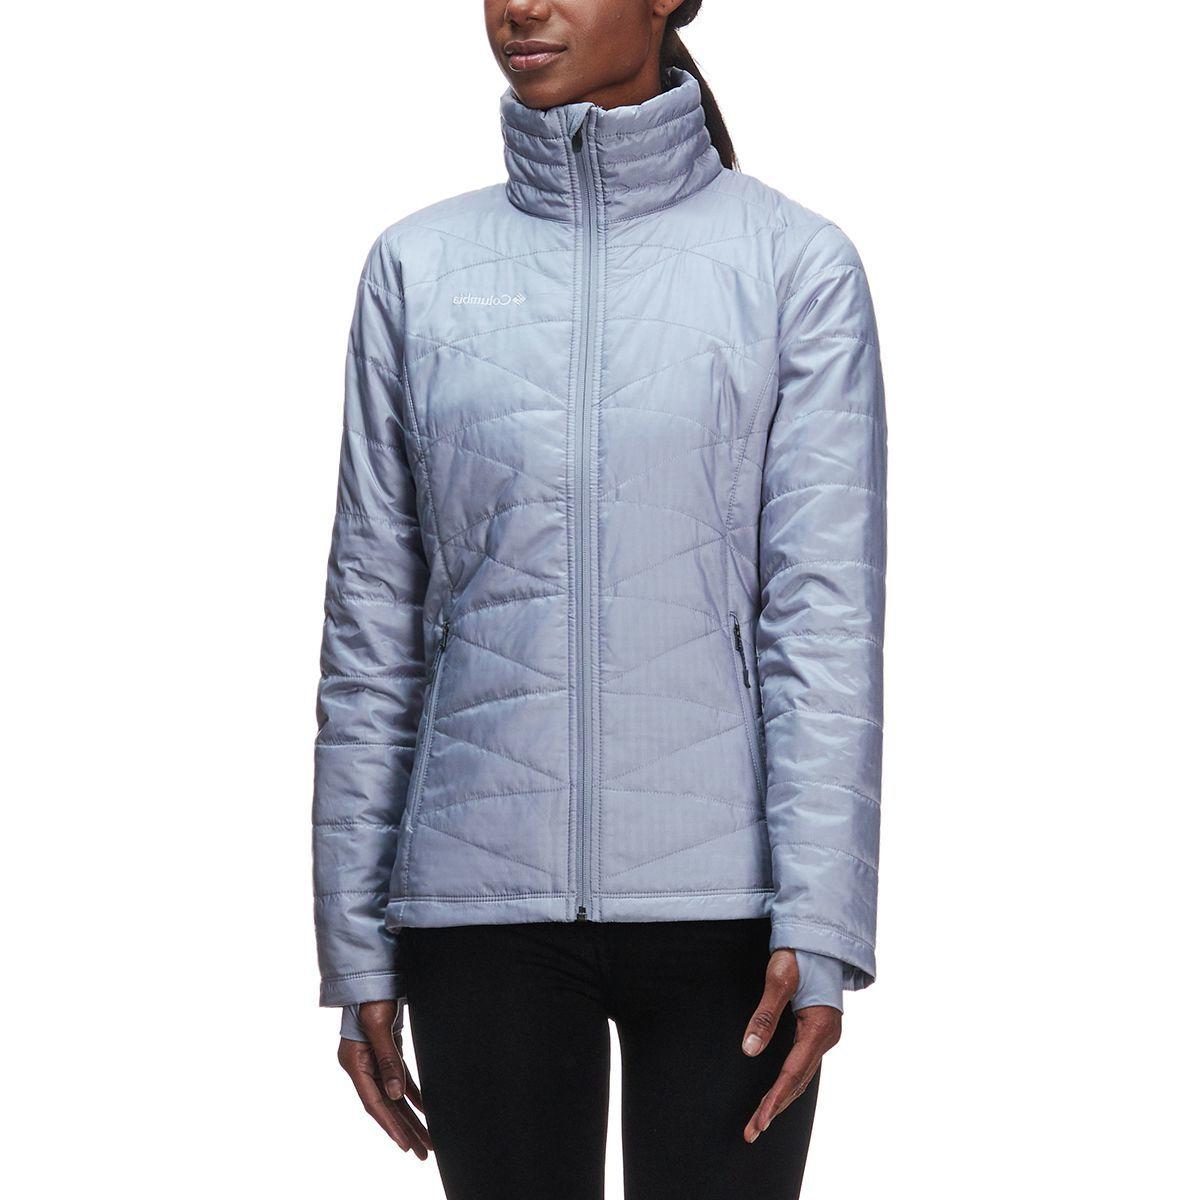 Columbia Mighty Lite III Insulated Jacket - Women's